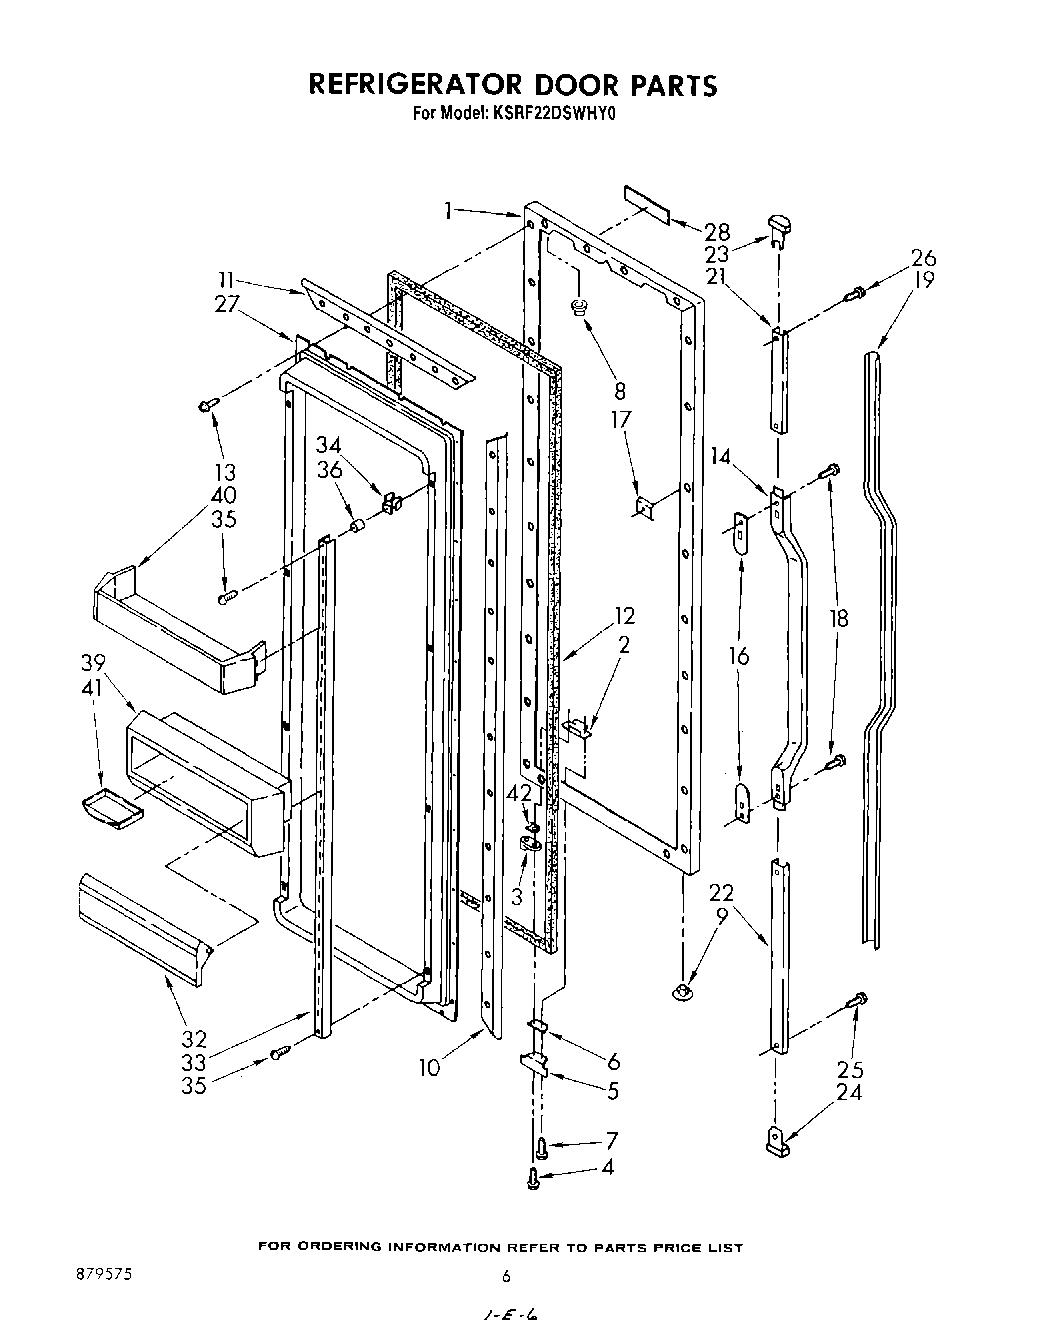 KSRF22DSTOY0